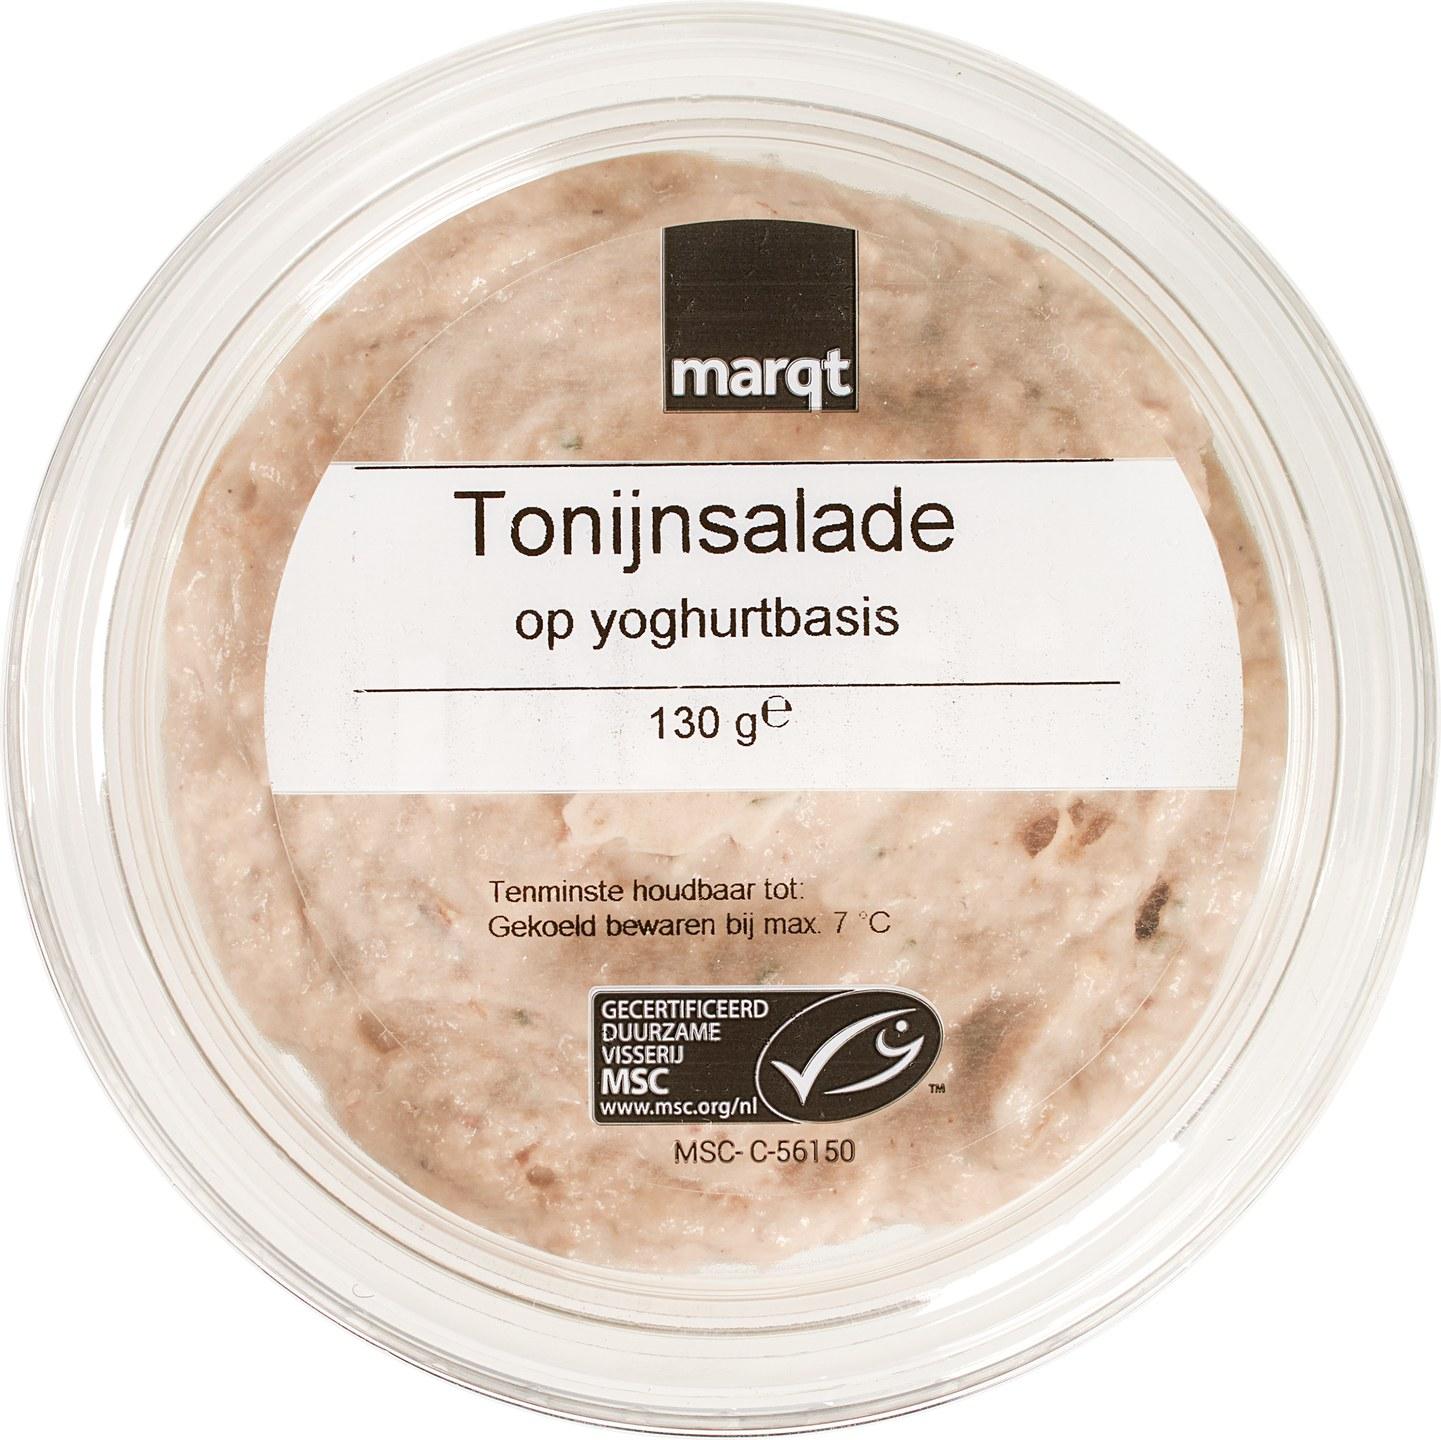 Biologische Marqt Tonijnsalade op yoghurtbasis 130 gr